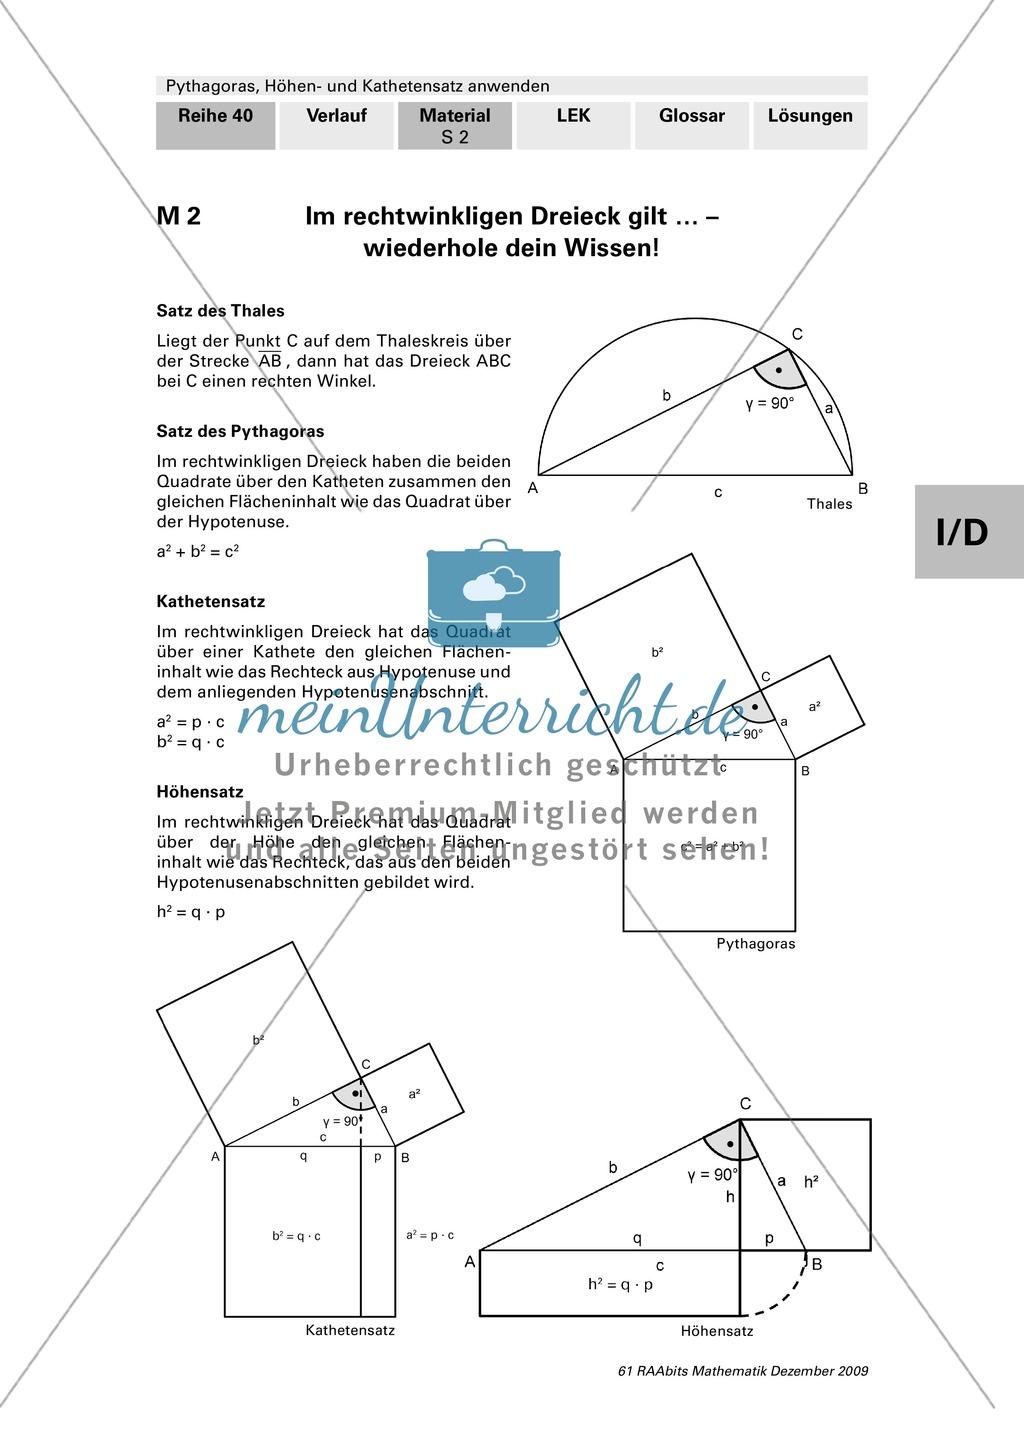 Geometrie: Die grafische Herleitung des Satz des Pythagoras und ...